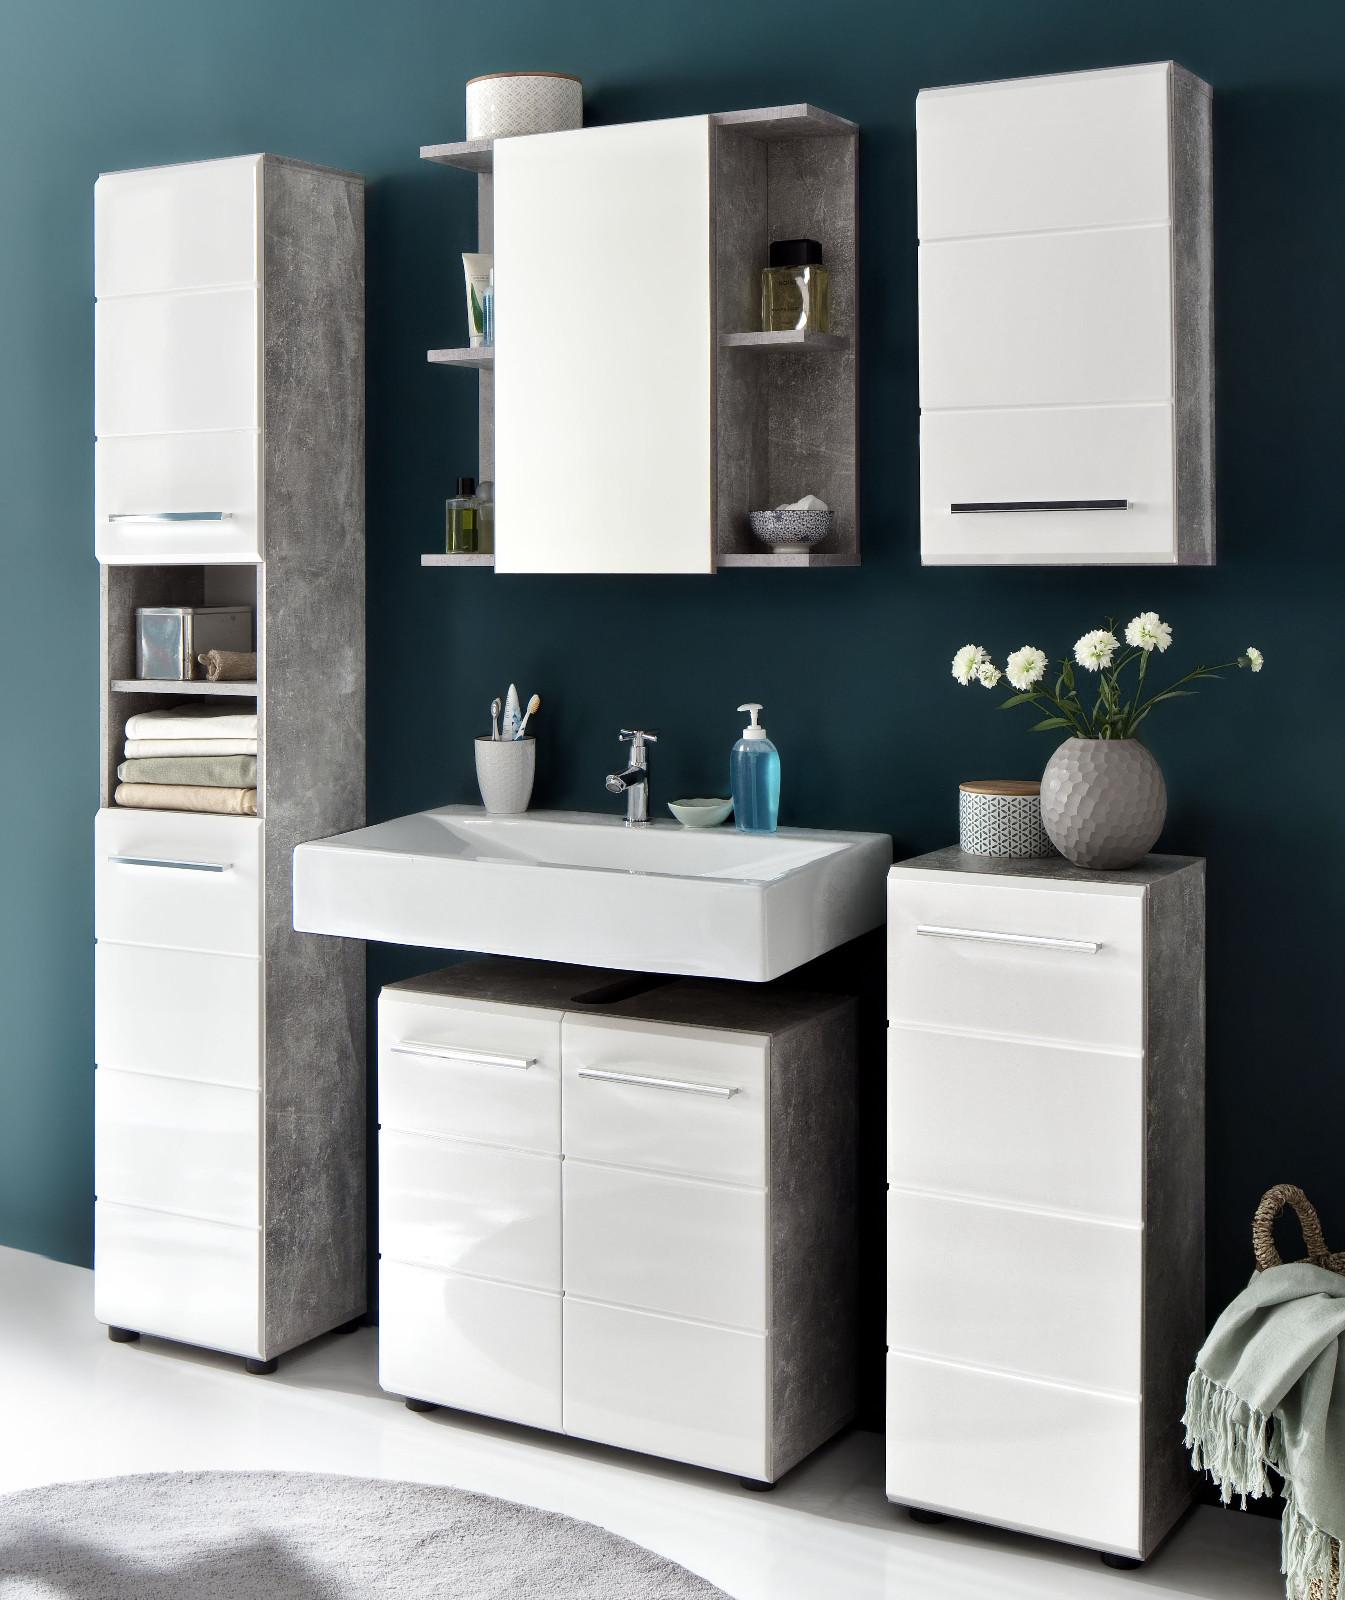 bad hochschrank nano wei hochglanz und stone grau. Black Bedroom Furniture Sets. Home Design Ideas